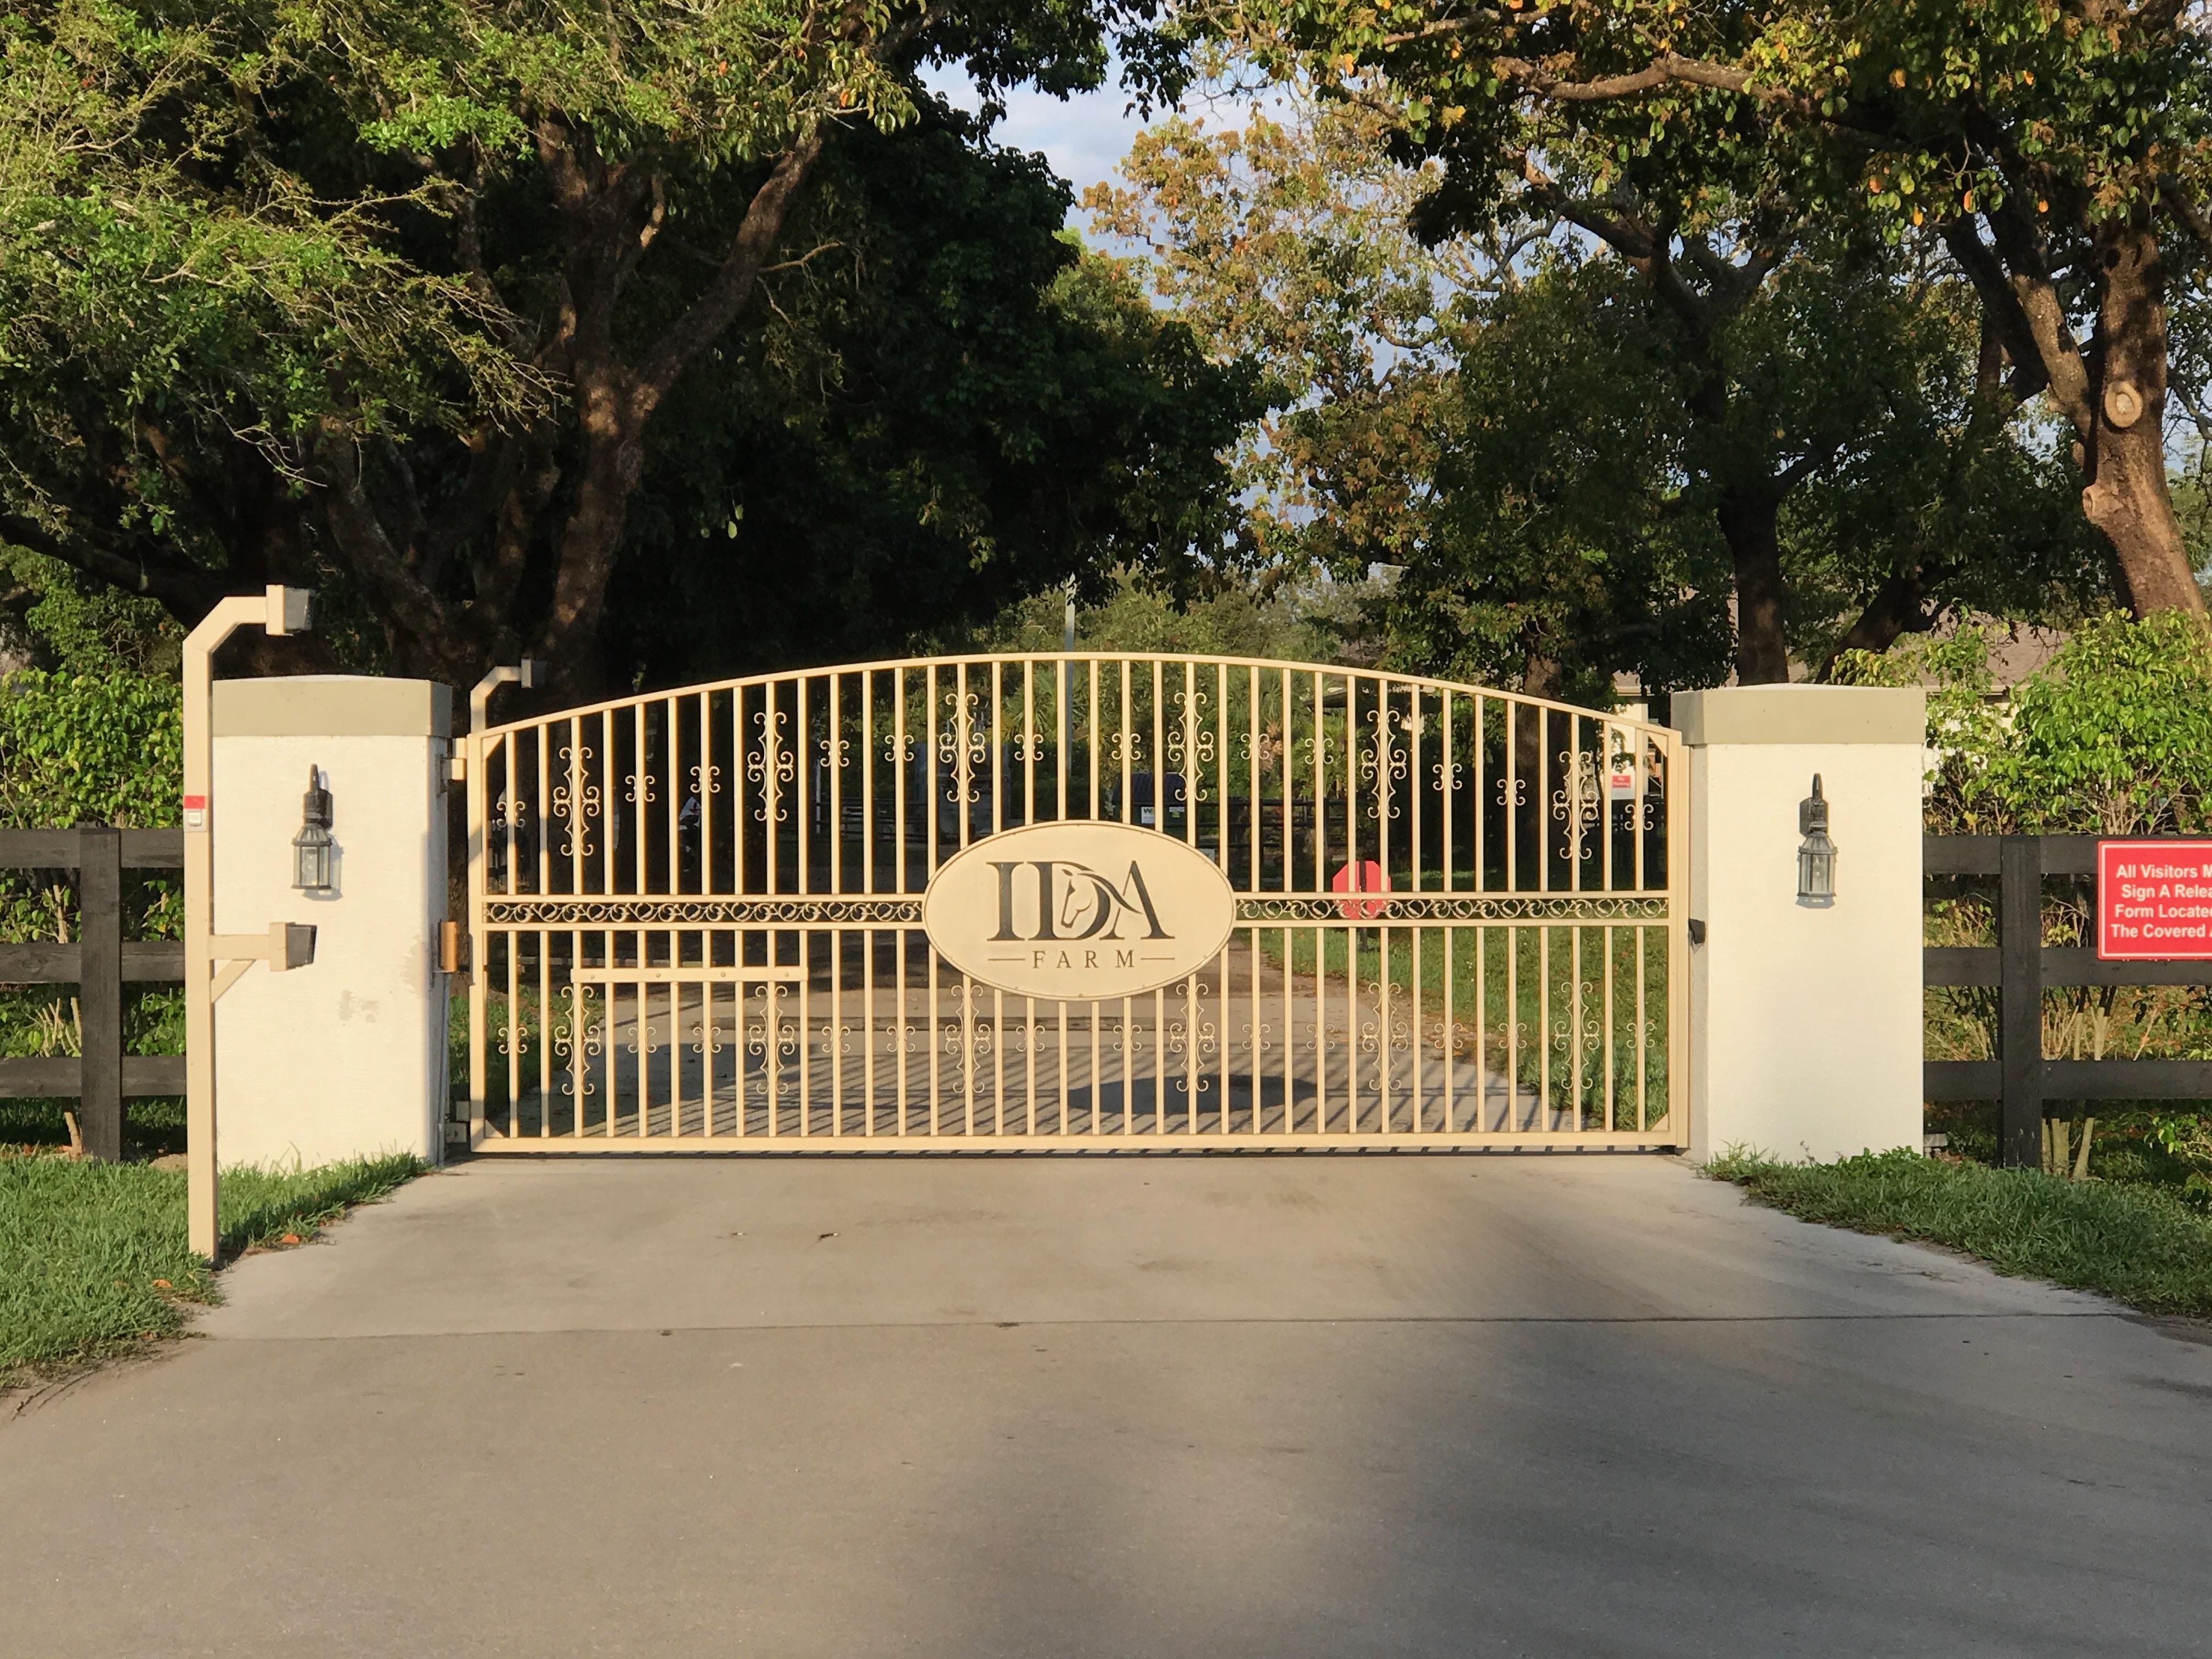 IDA Gate